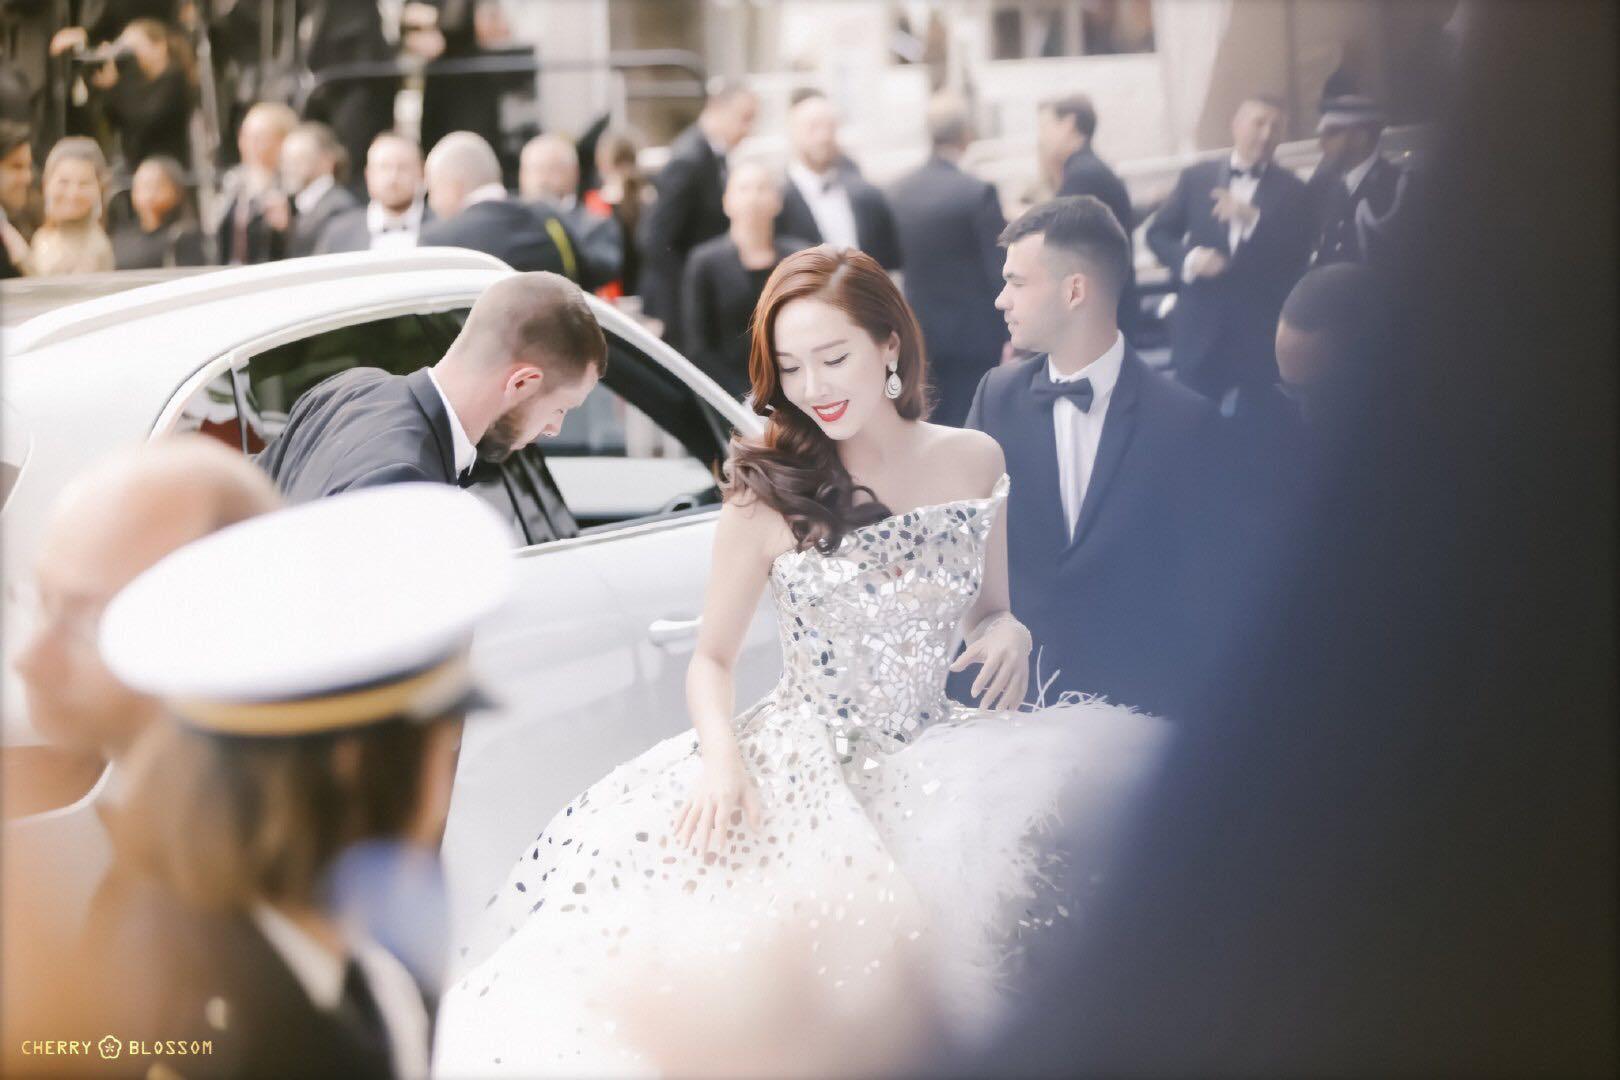 Đẹp đỉnh cao tại Cannes, nữ hoàng băng giá Jessica lại bị nhiếp ảnh gia quốc tế bóc mẽ nhan sắc quá chân thực - Ảnh 2.